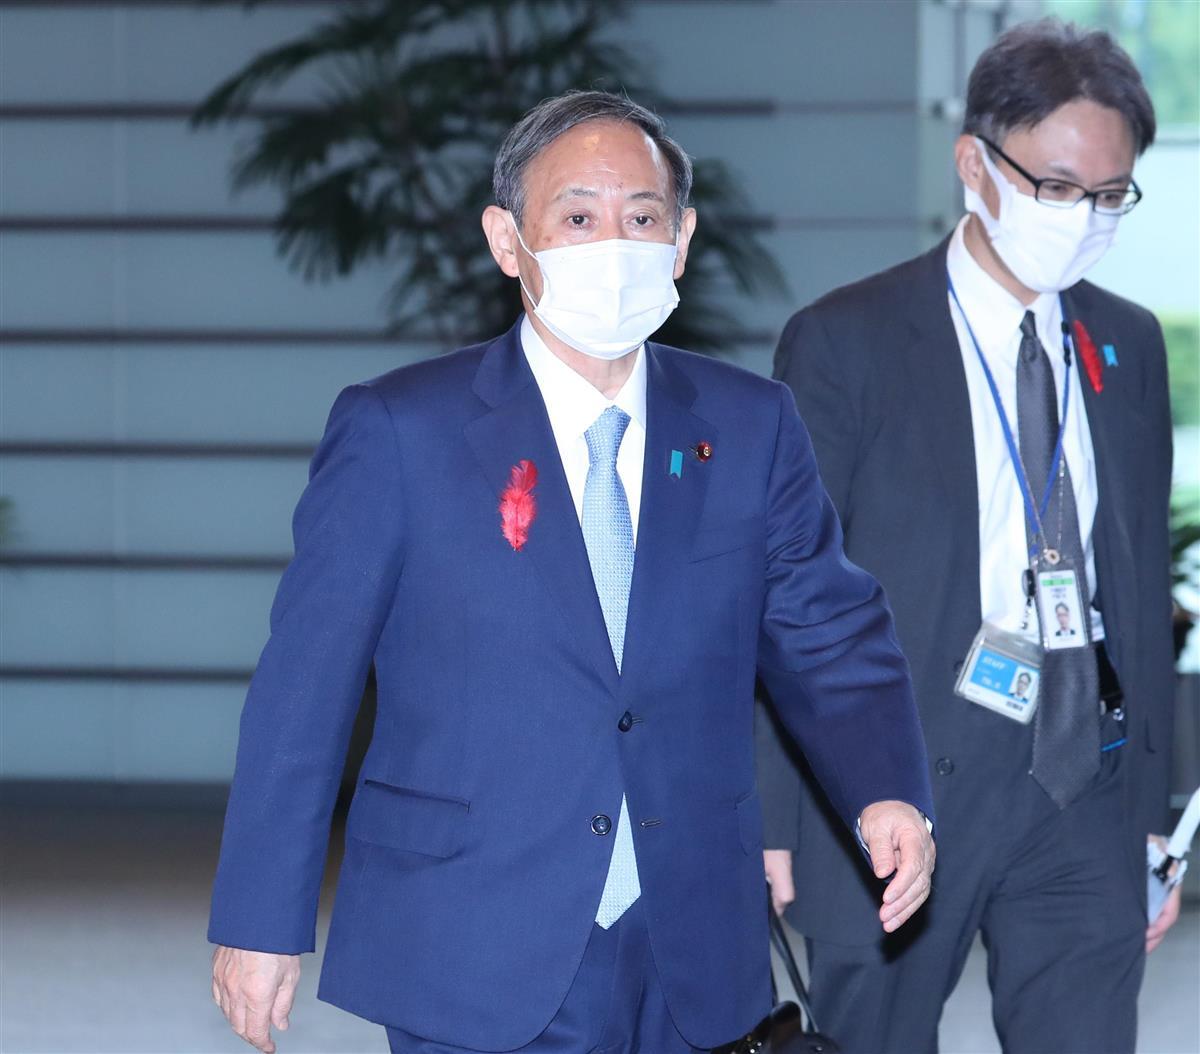 農産物輸出の戦略策定を年末までに 菅首相指示